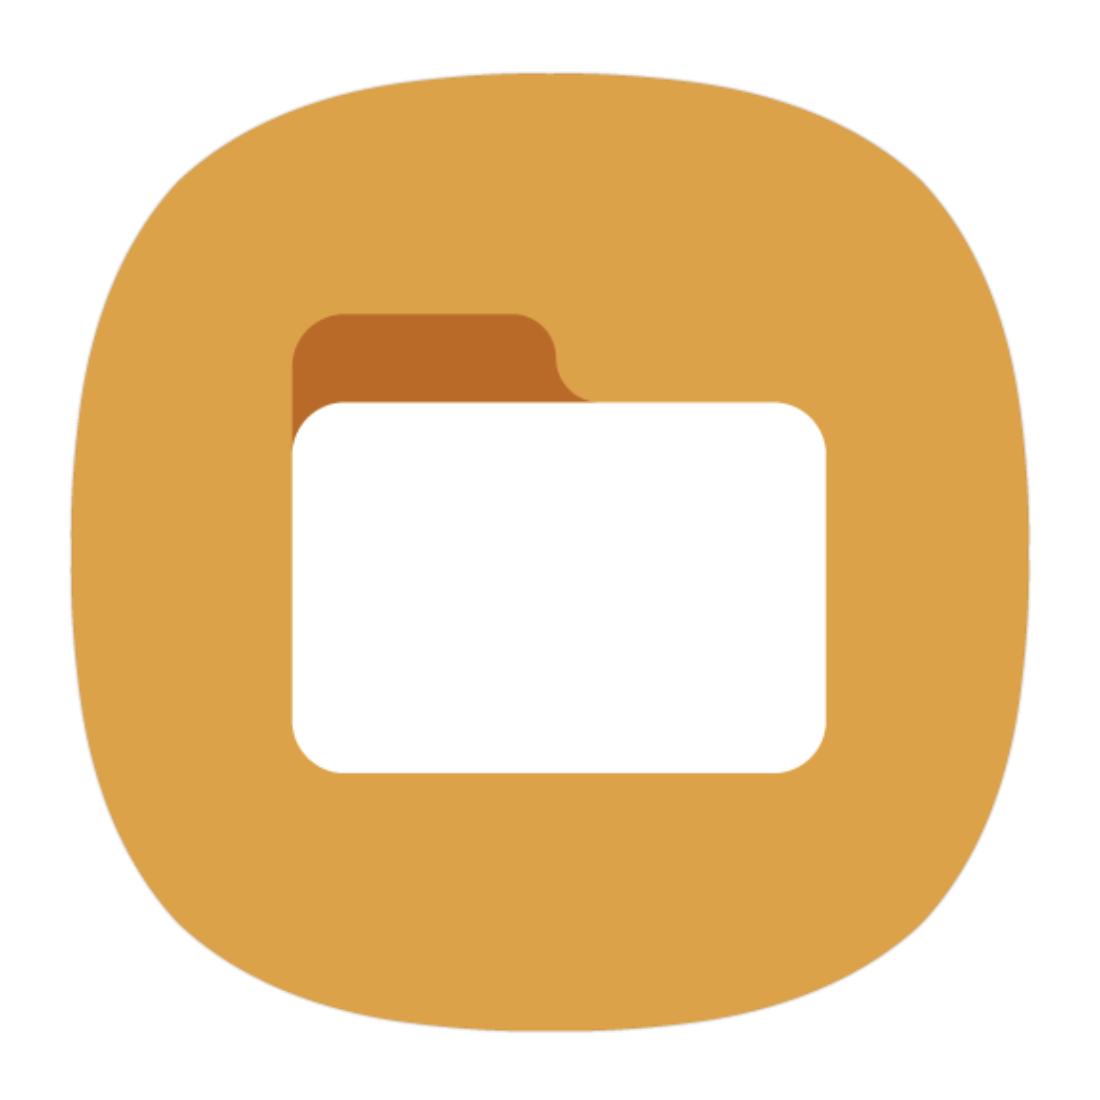 دانلود Samsung My Files 11.1.00.121 - برنامه مدیریت فایل رسمی سامسونگ